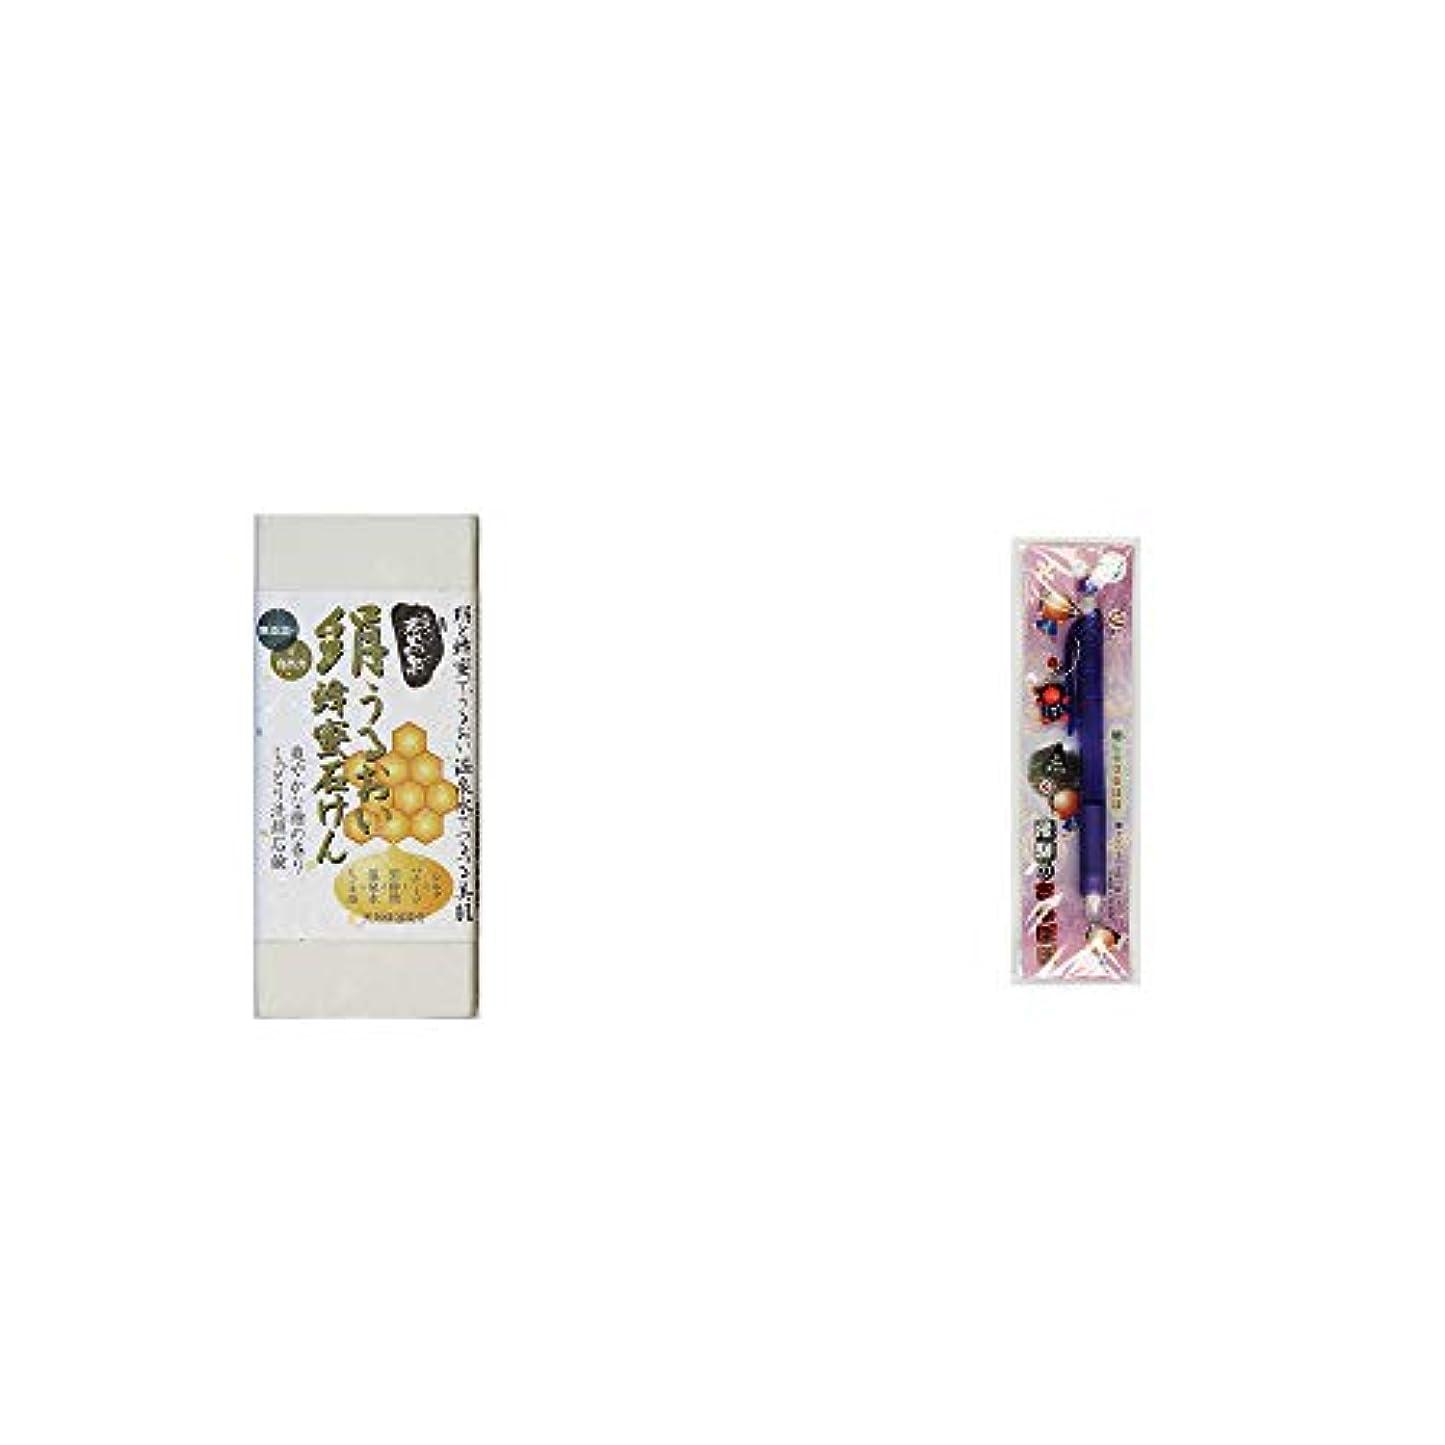 切り離す亡命ドック[2点セット] ひのき炭黒泉 絹うるおい蜂蜜石けん(75g×2)?さるぼぼ 癒しシャープペン 【パープル】